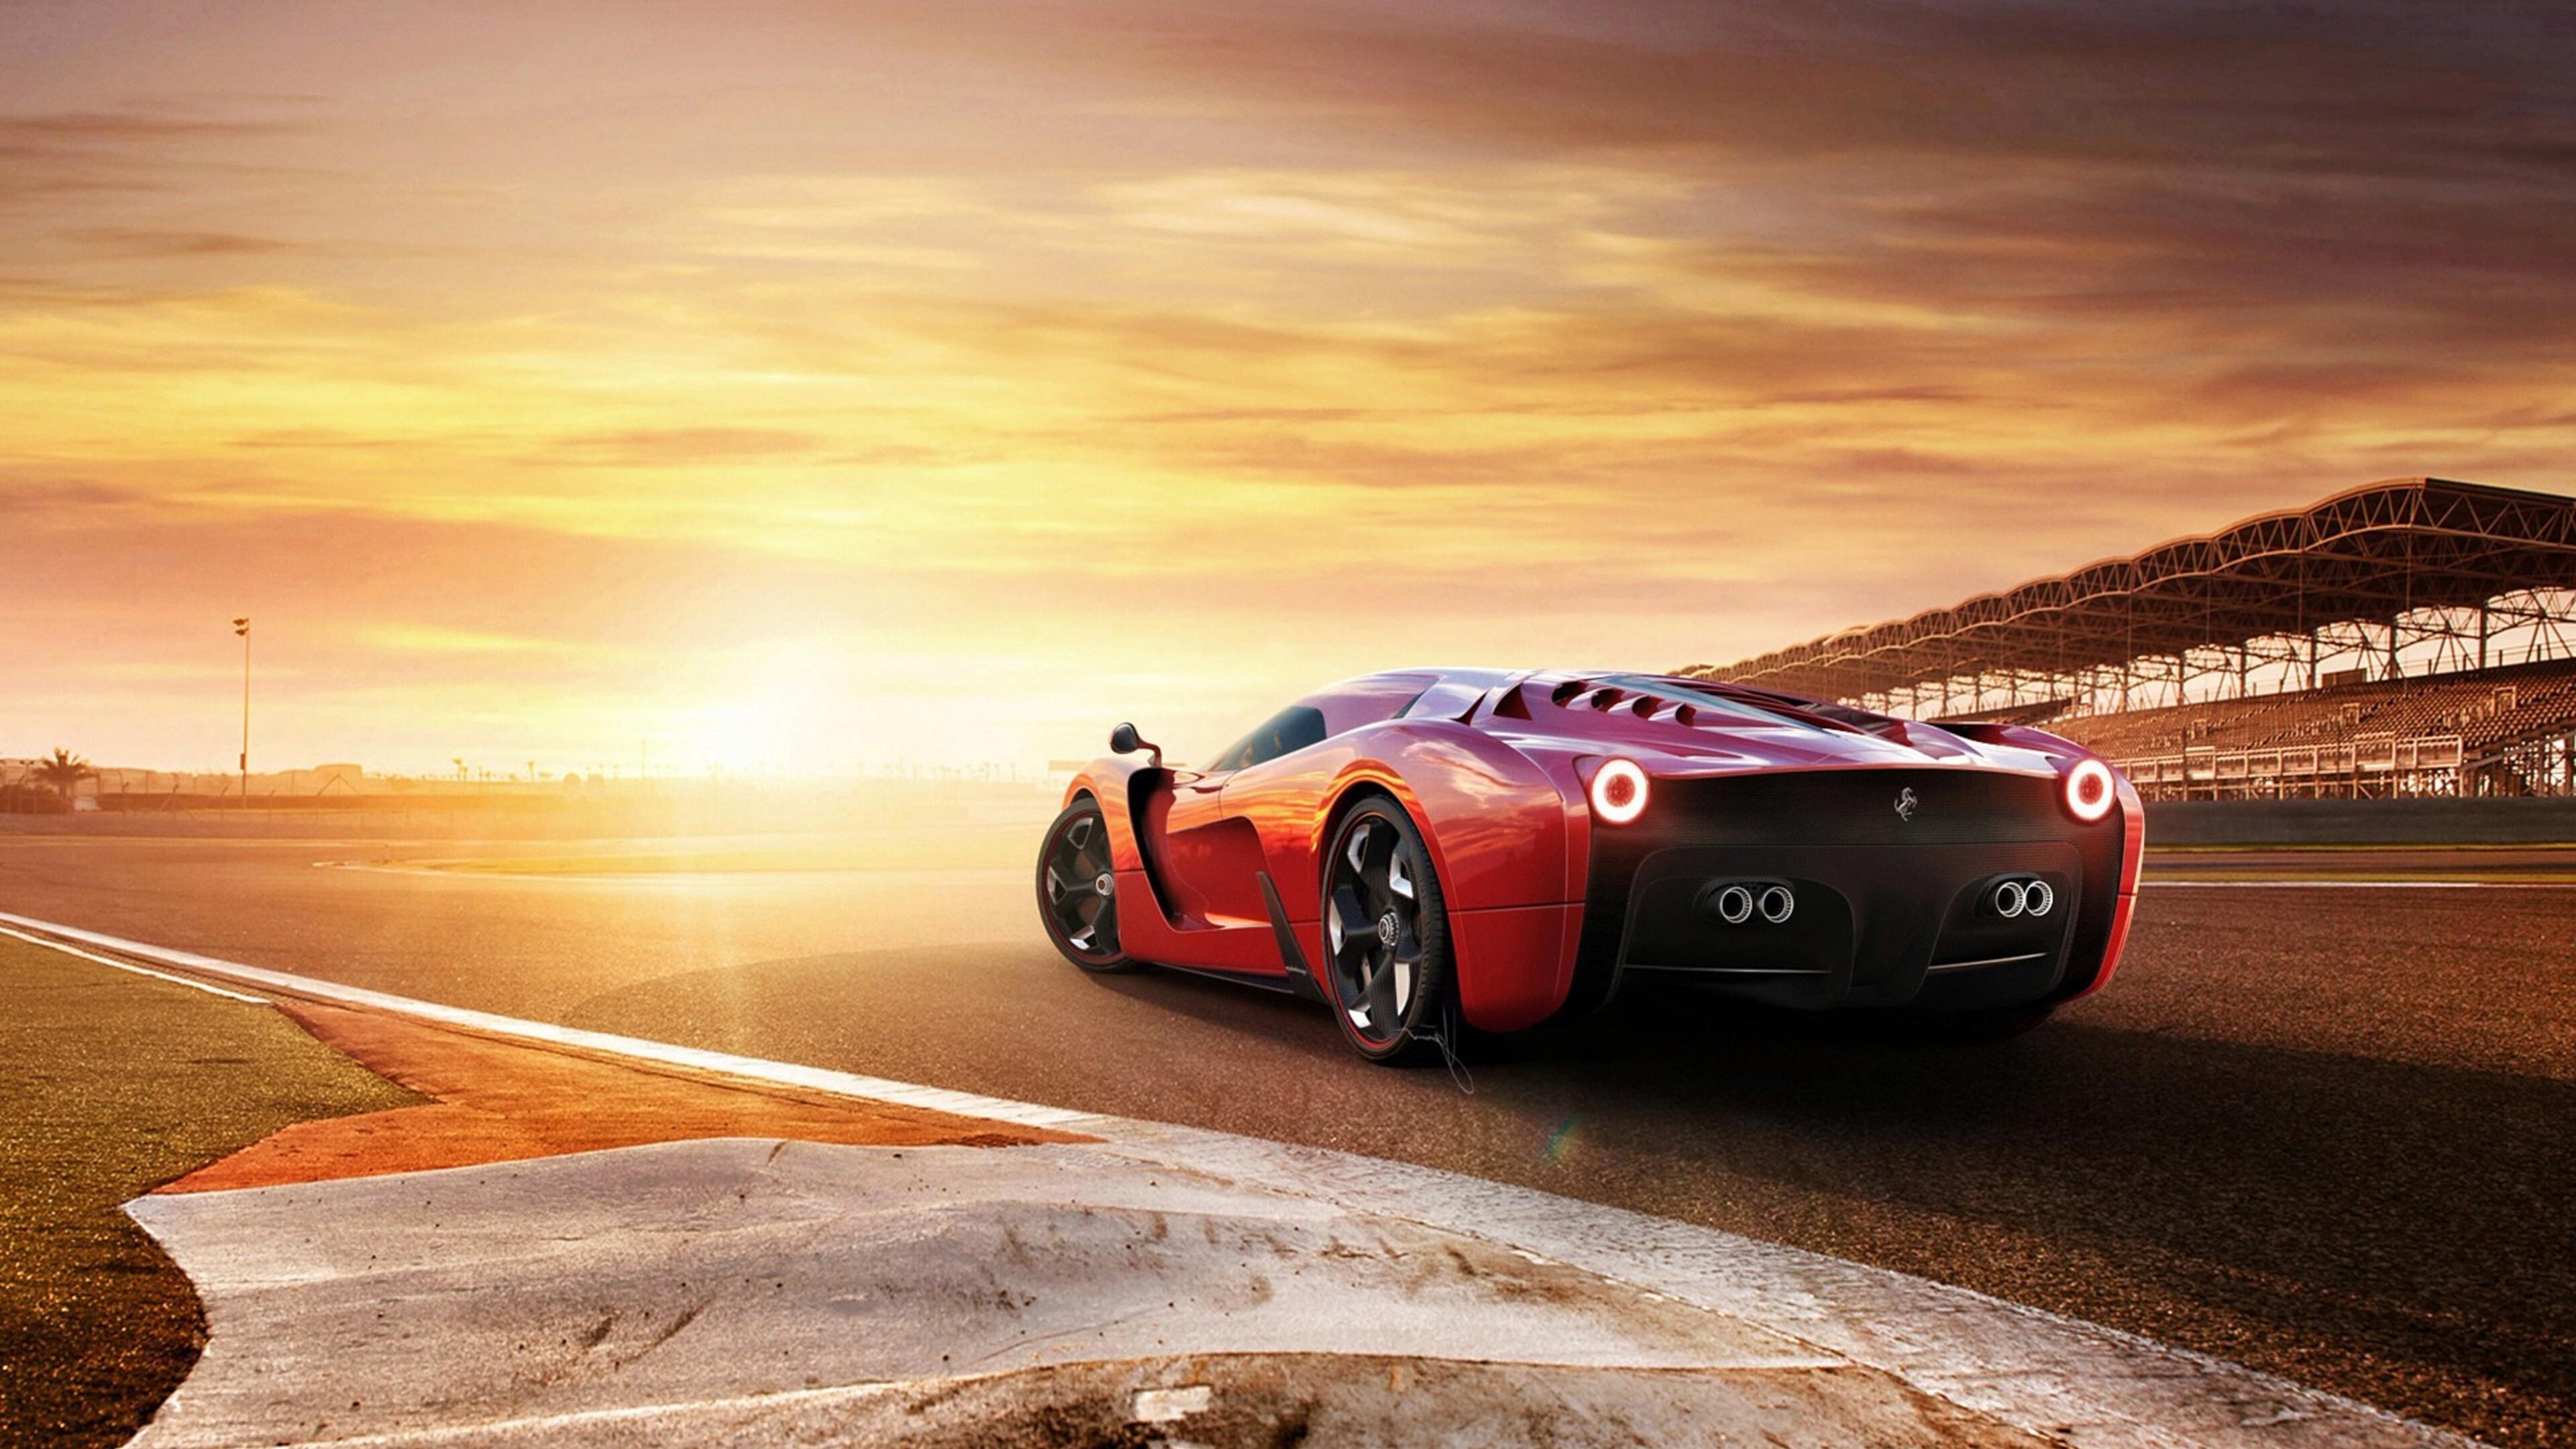 3840x2160 Ferrari 458 Concept Car 4k HD 4k Wallpapers